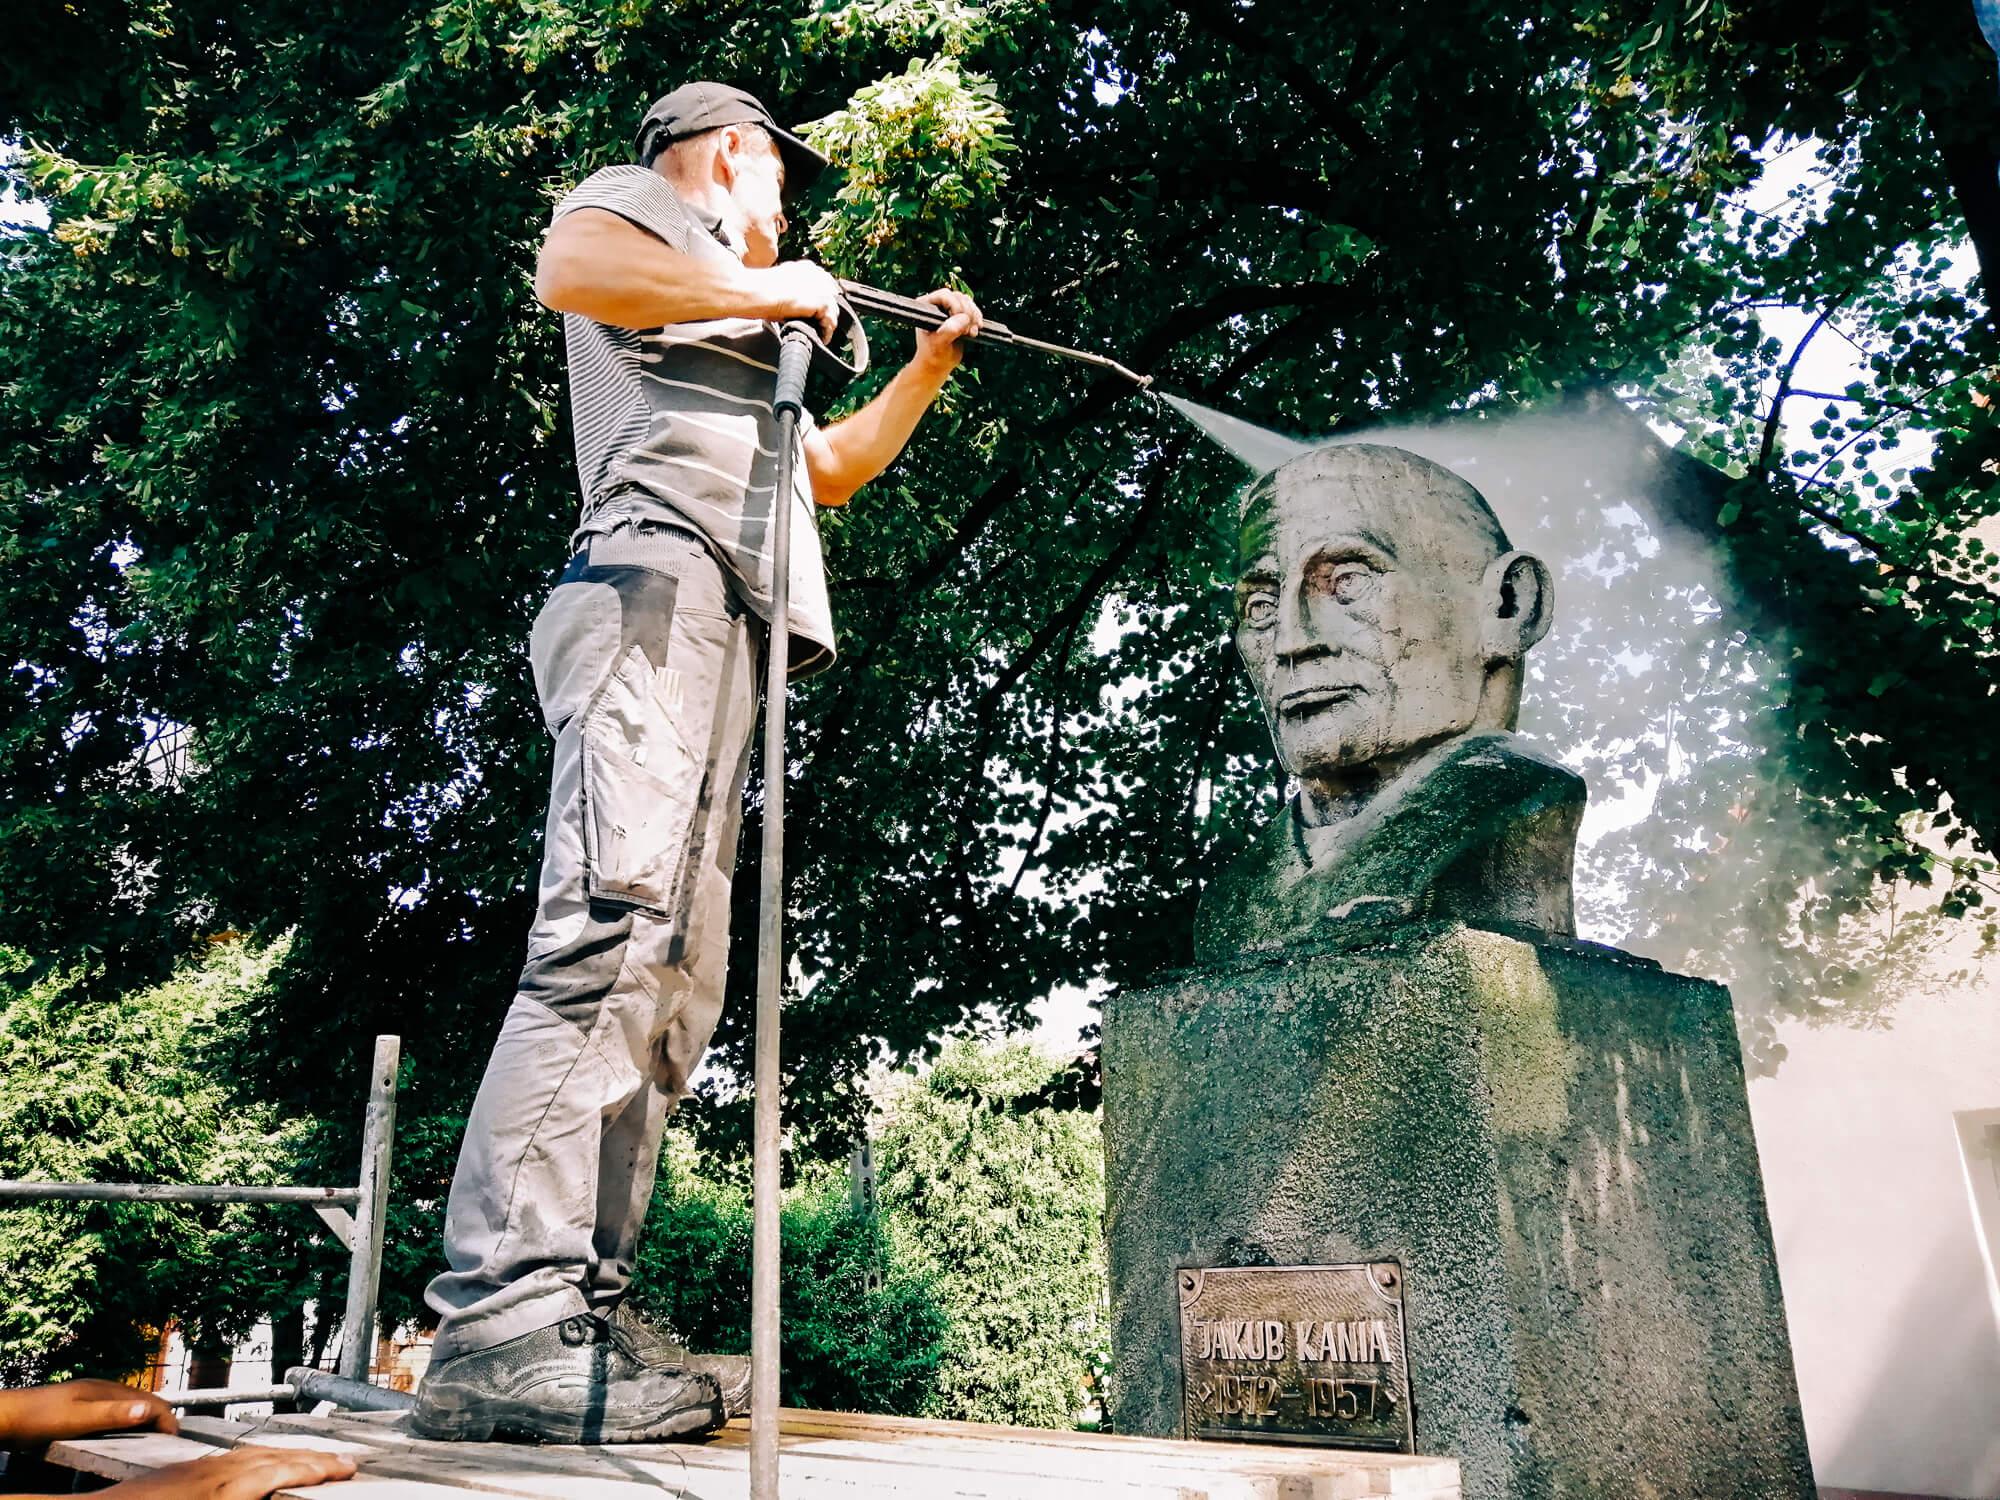 Ruszyła rewitalizacja pomnika Jakuba Kani i placu wokół niego